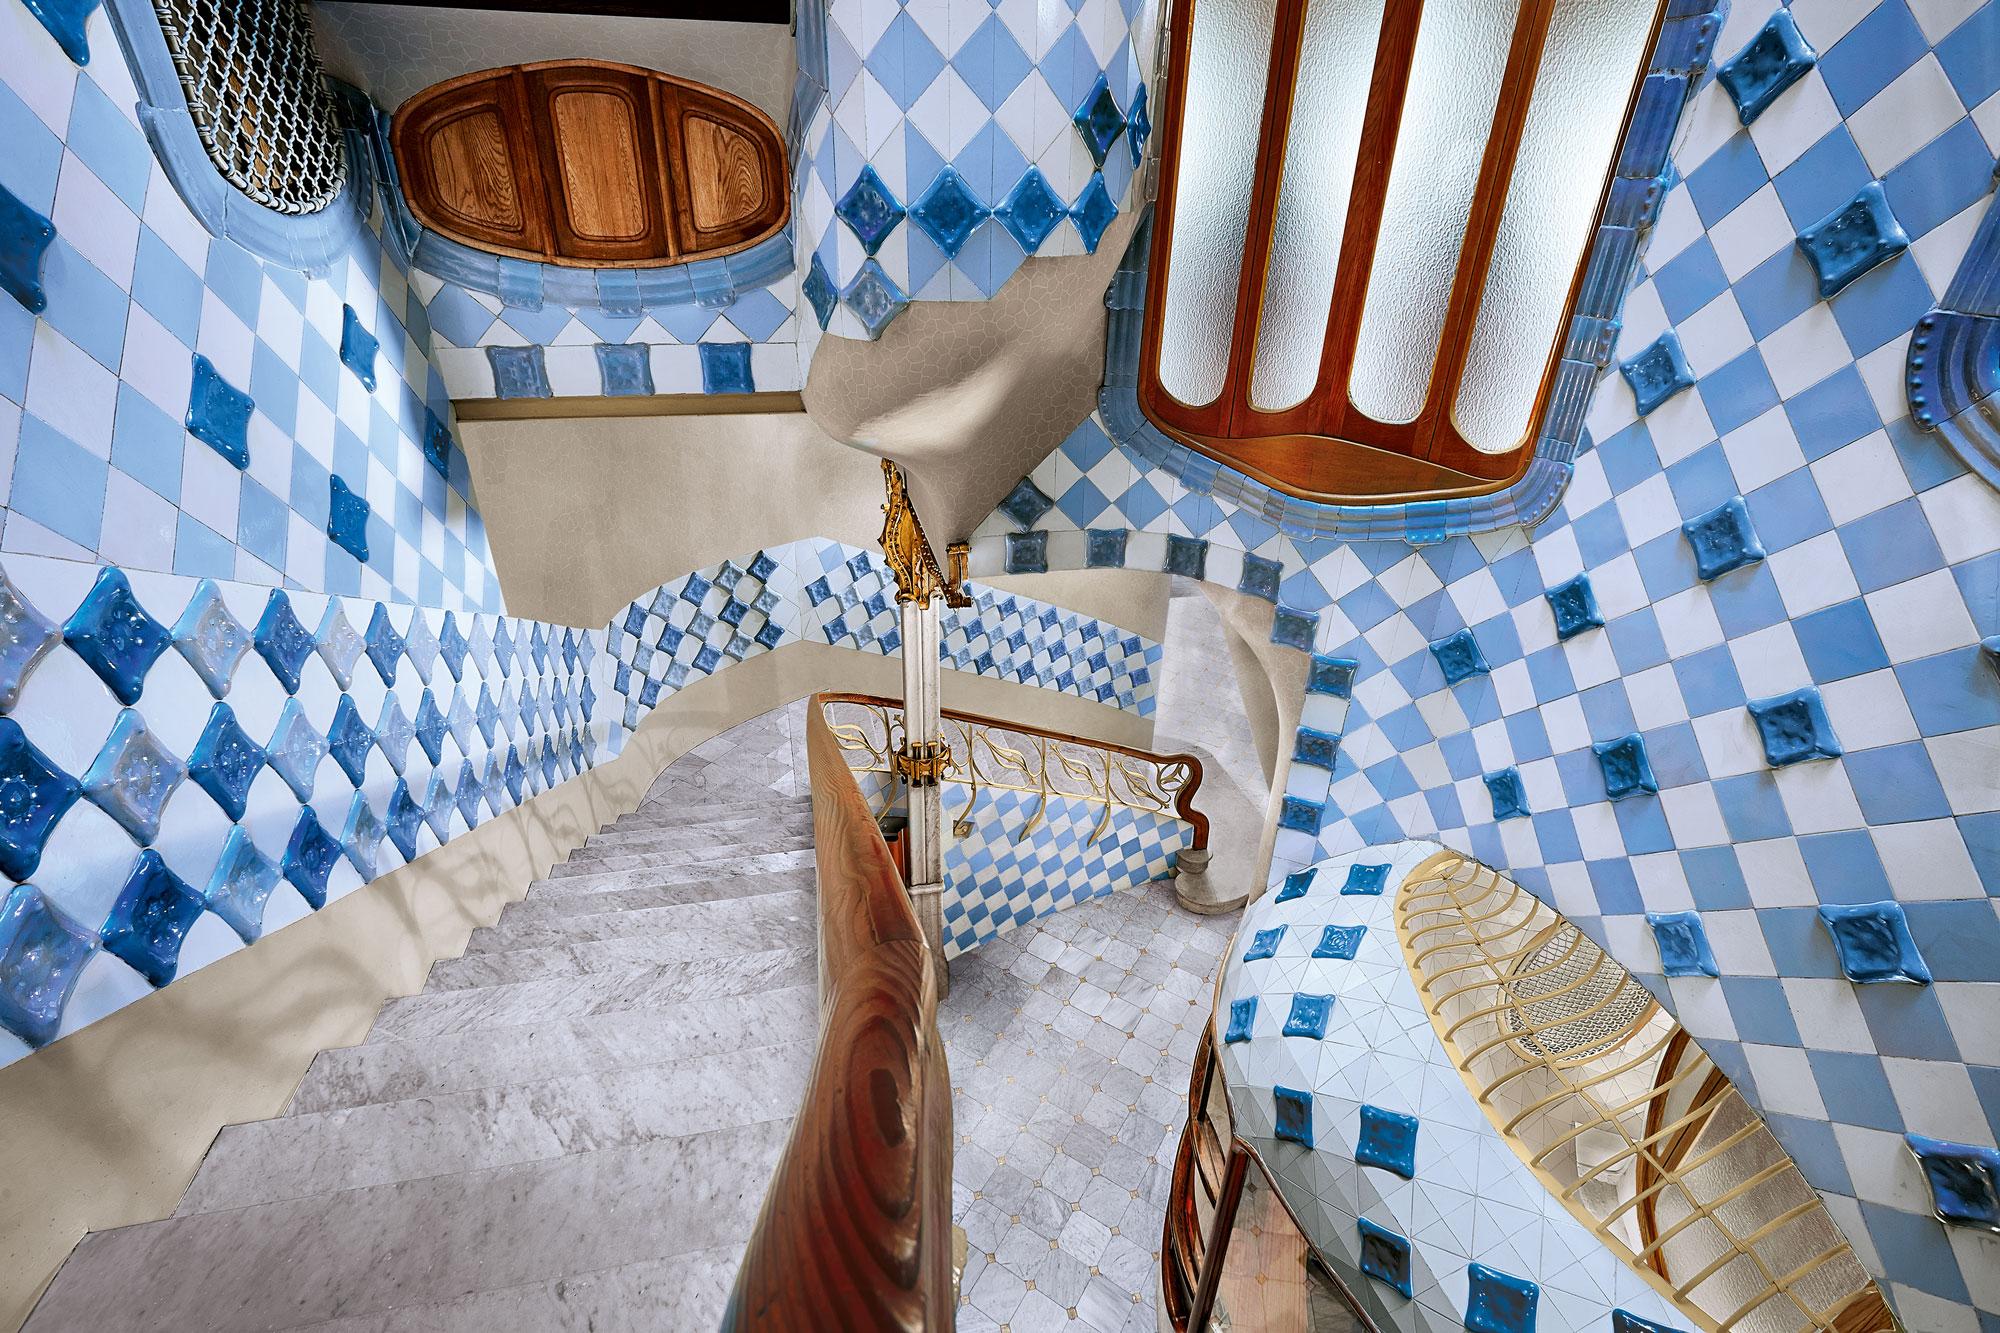 casa-battlo-innendors-trapp-detaljer-barcelona